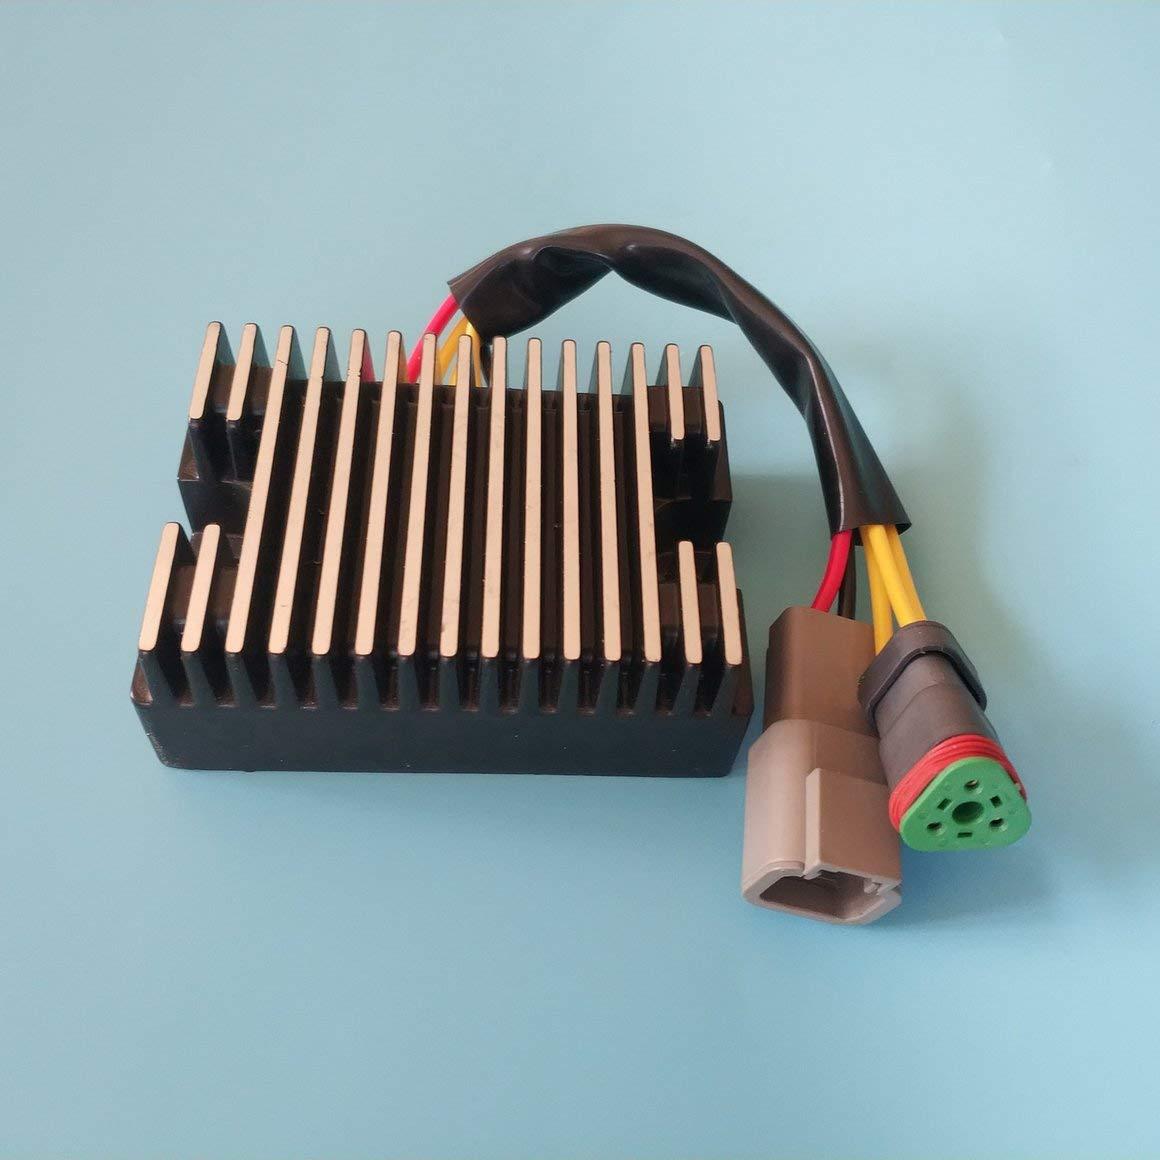 Funnyrunstore 2101.7 Raddrizzatore di tensione per SEADOO 278001581 278001969 4-6874 ESP10147 Accessori per raddrizzatore di moto ASD6001